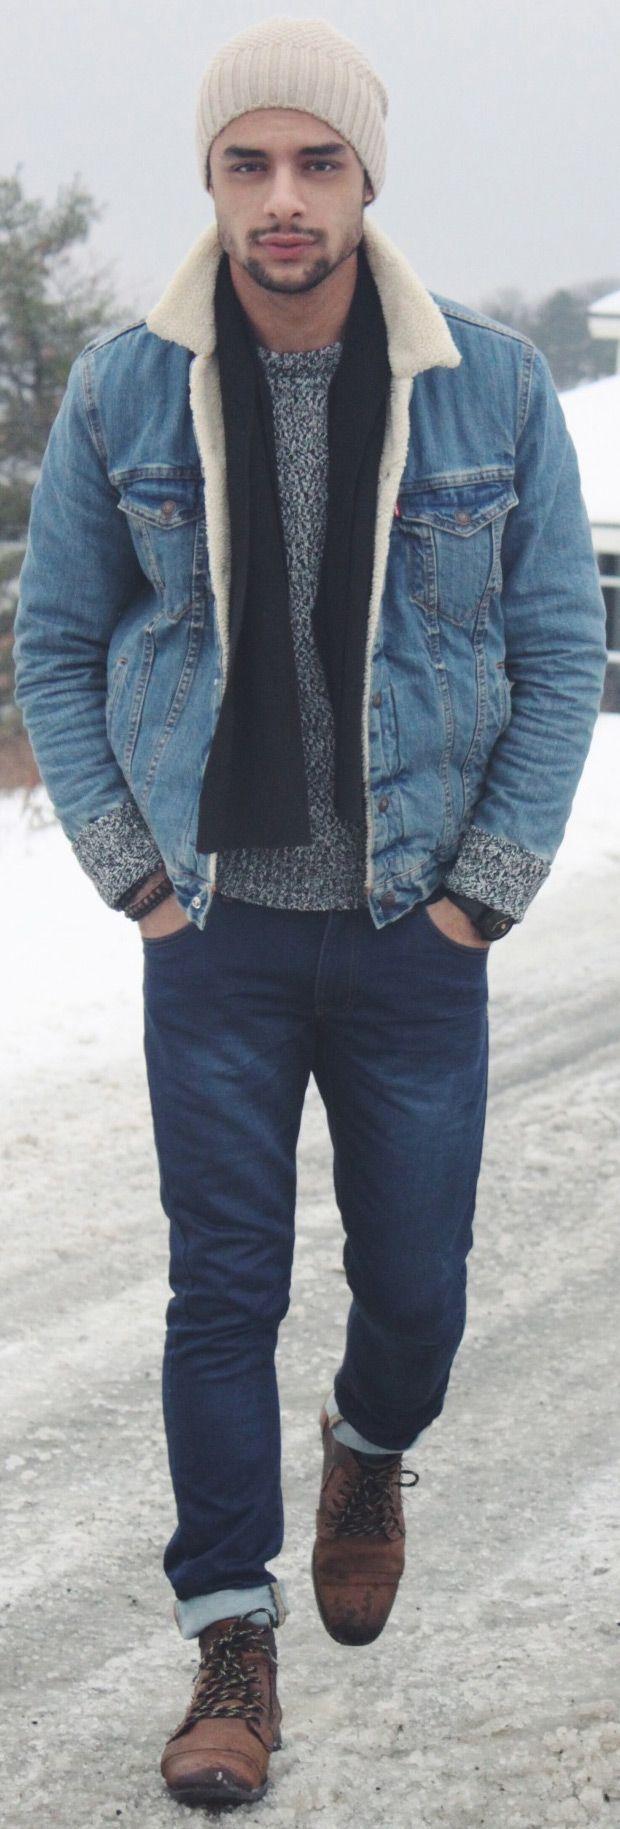 jaquetas jeans para homens 26